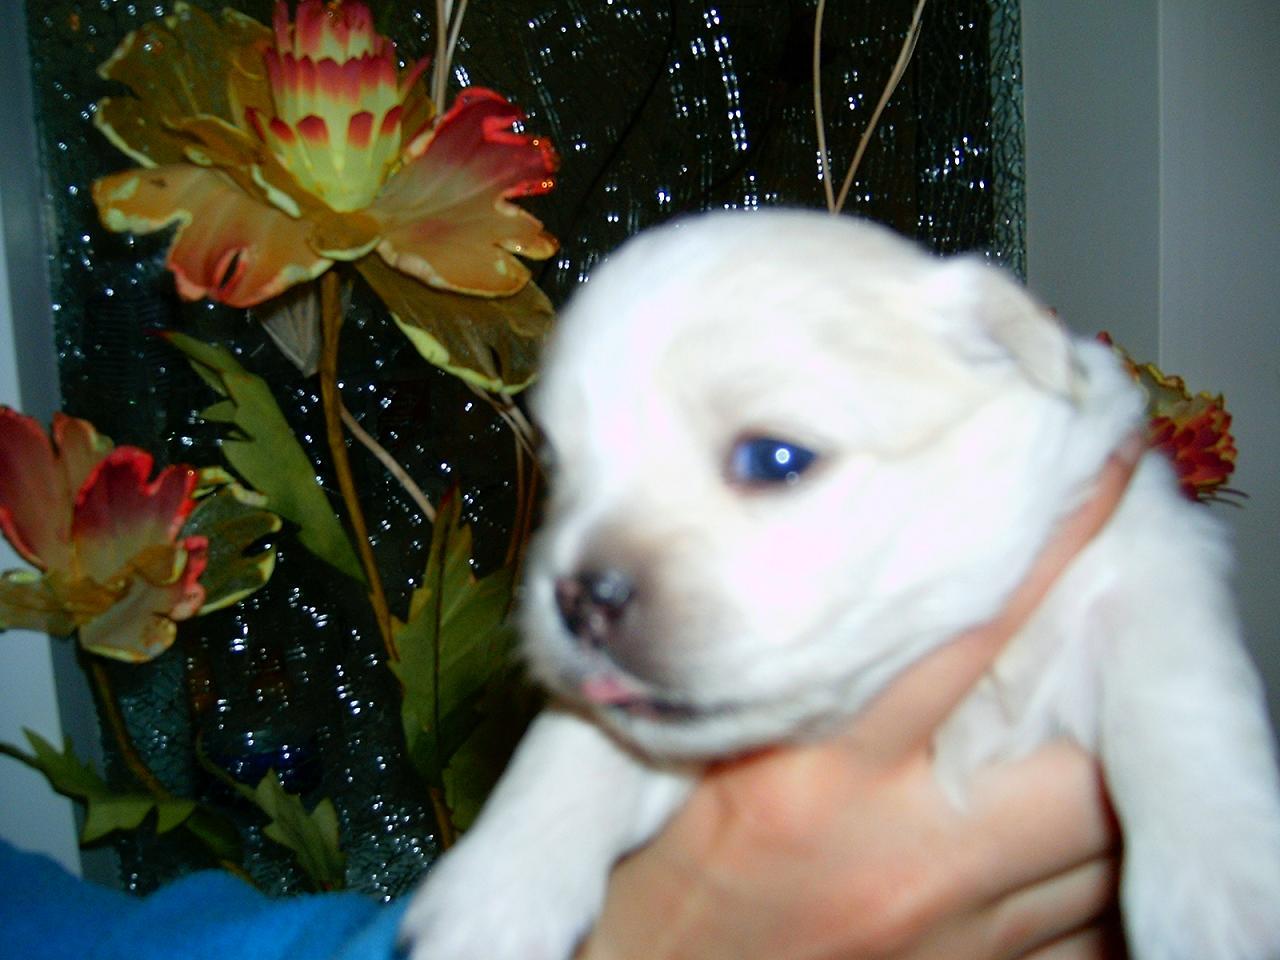 小狗狗睁开眼睛了:)